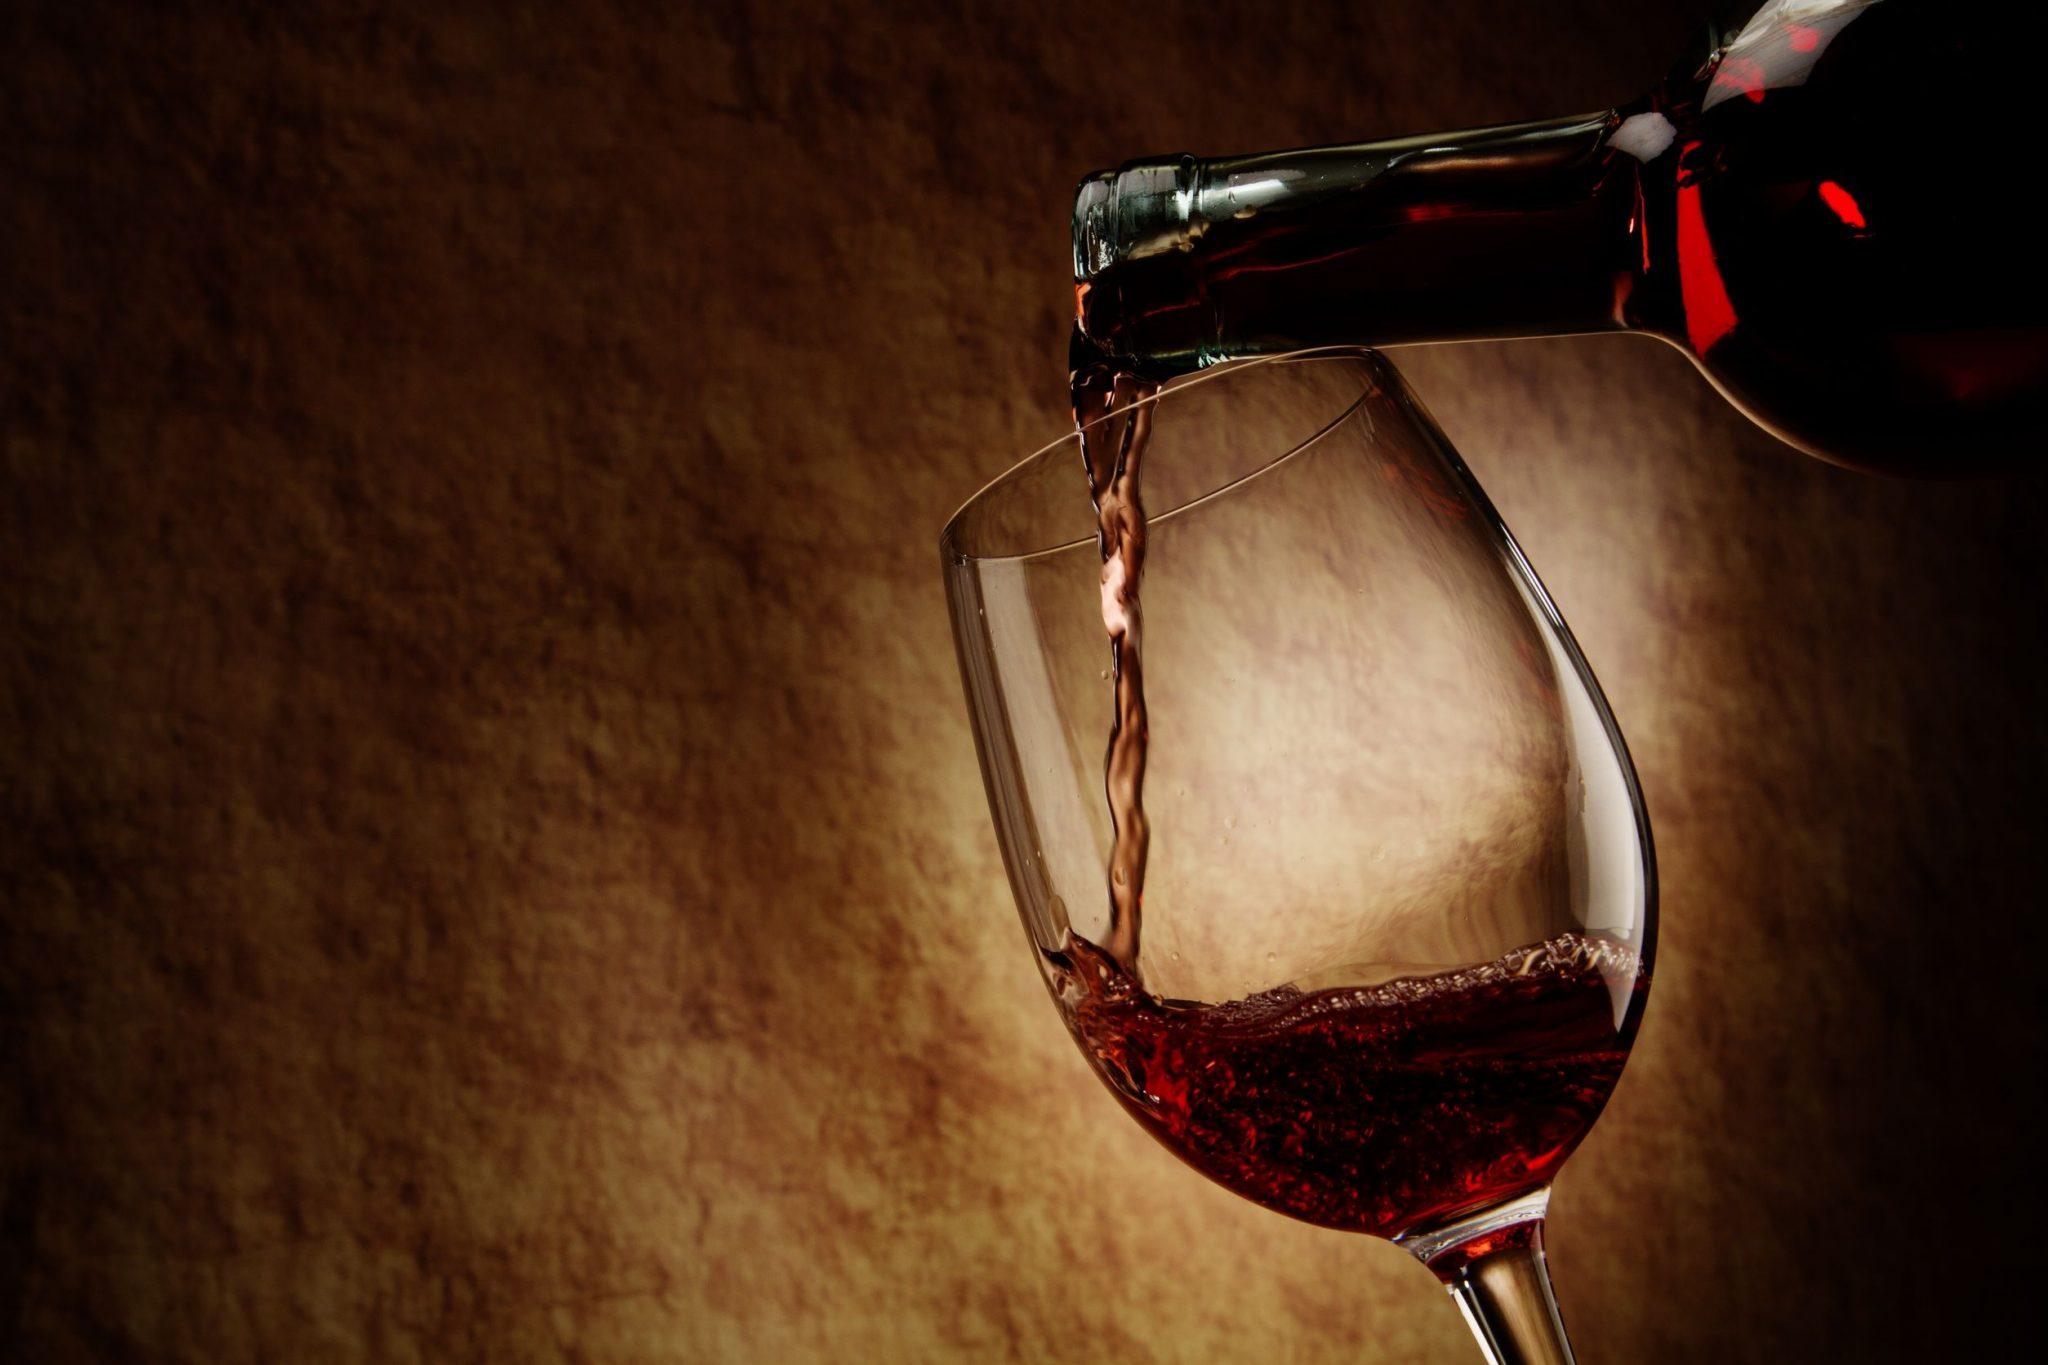 Wijnproefkunde